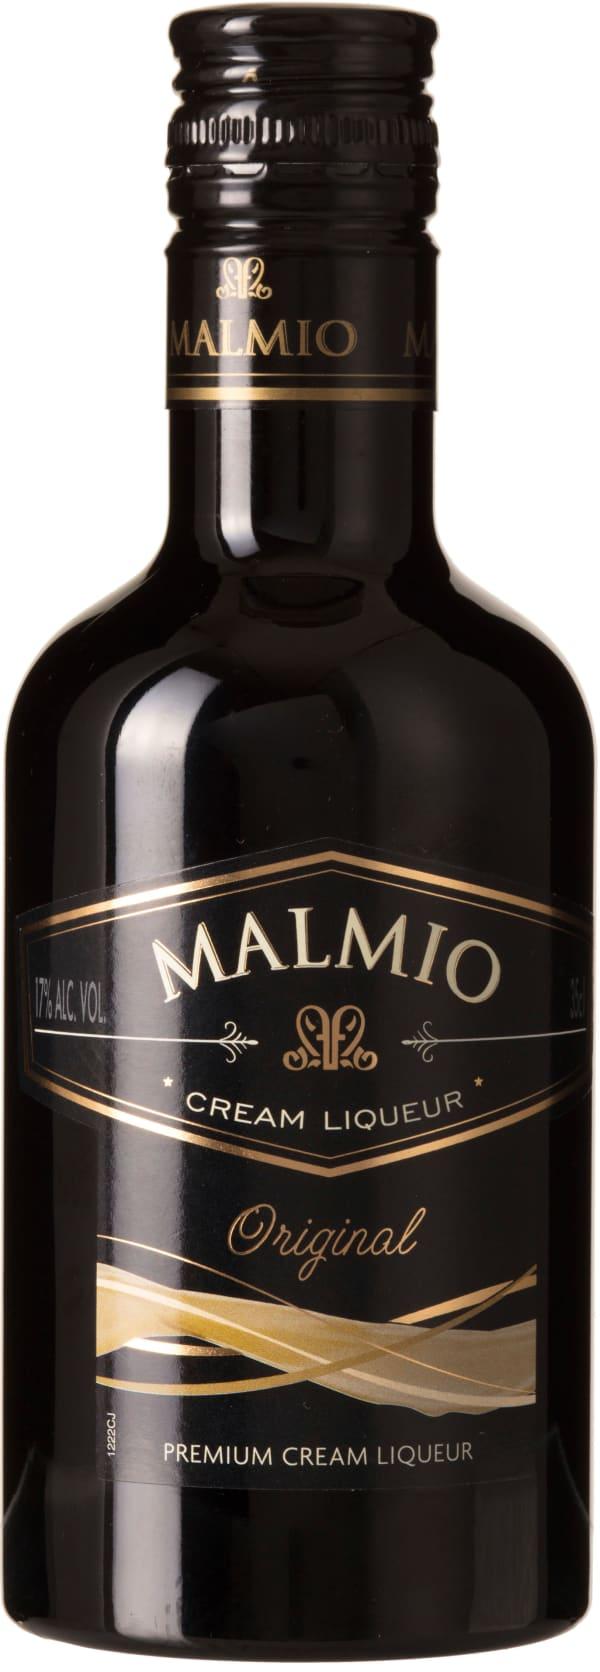 Malmio Original Cream plastflaska